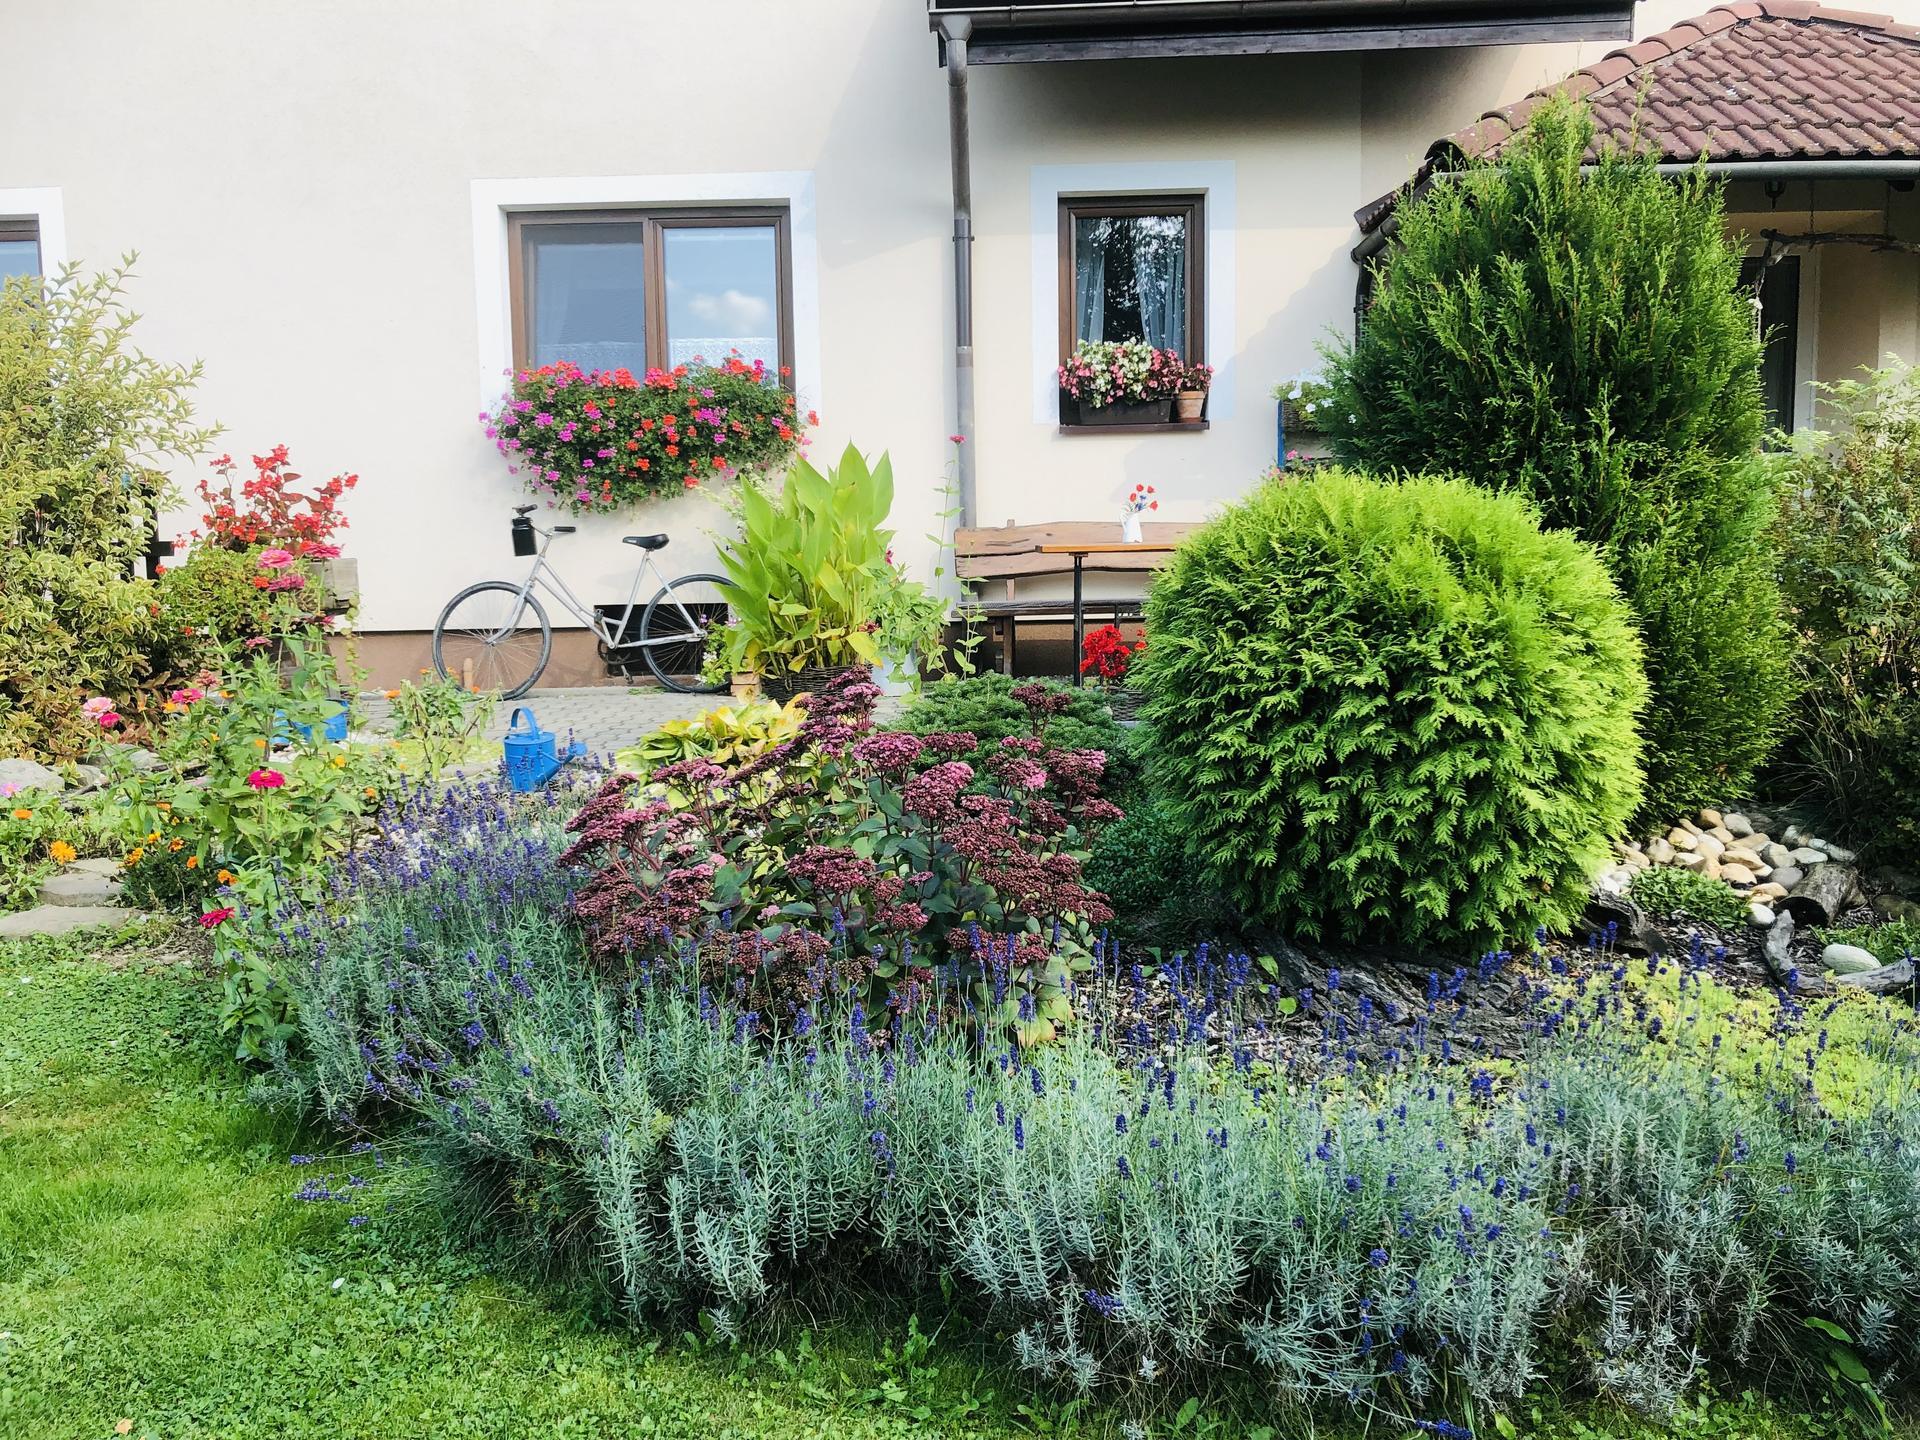 U nás doma a na zahradě 2021 - Obrázek č. 109